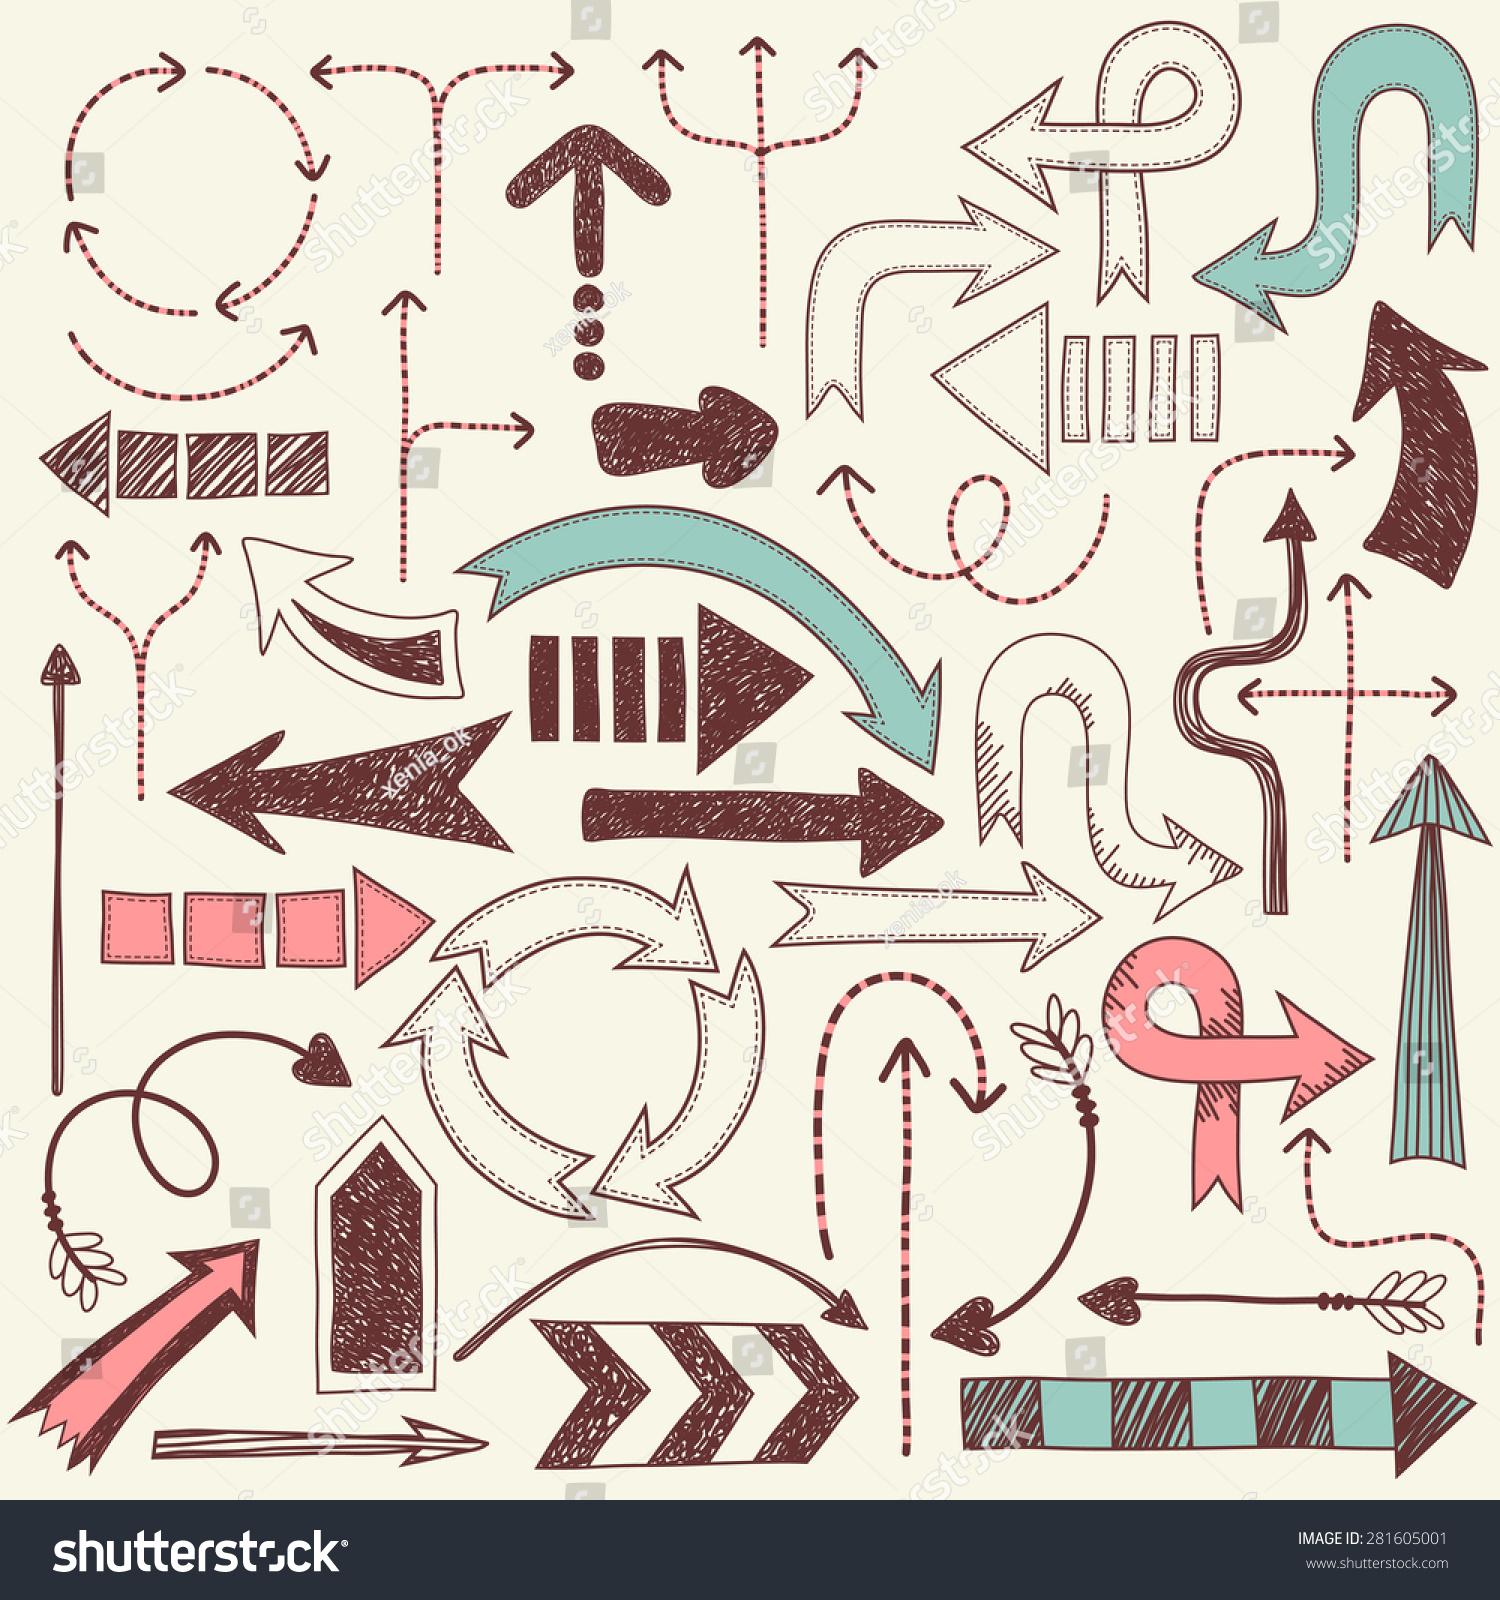 手绘图.-物体,符号/标志-海洛创意()